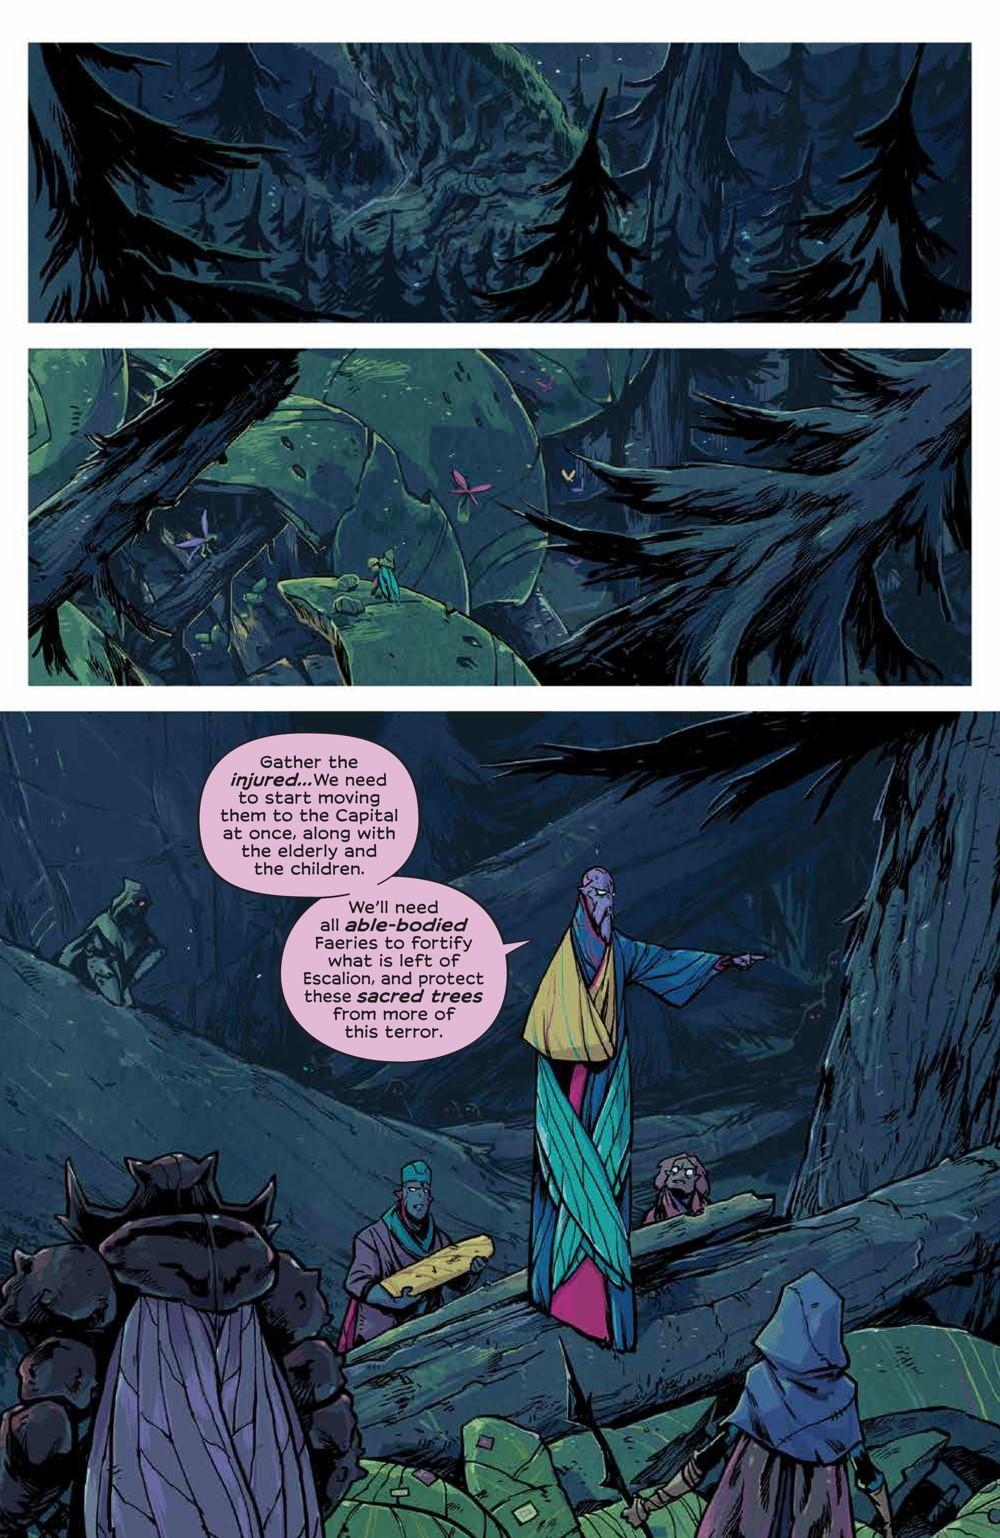 Wynd_010_PRESS_3 ComicList Previews: WYND #10